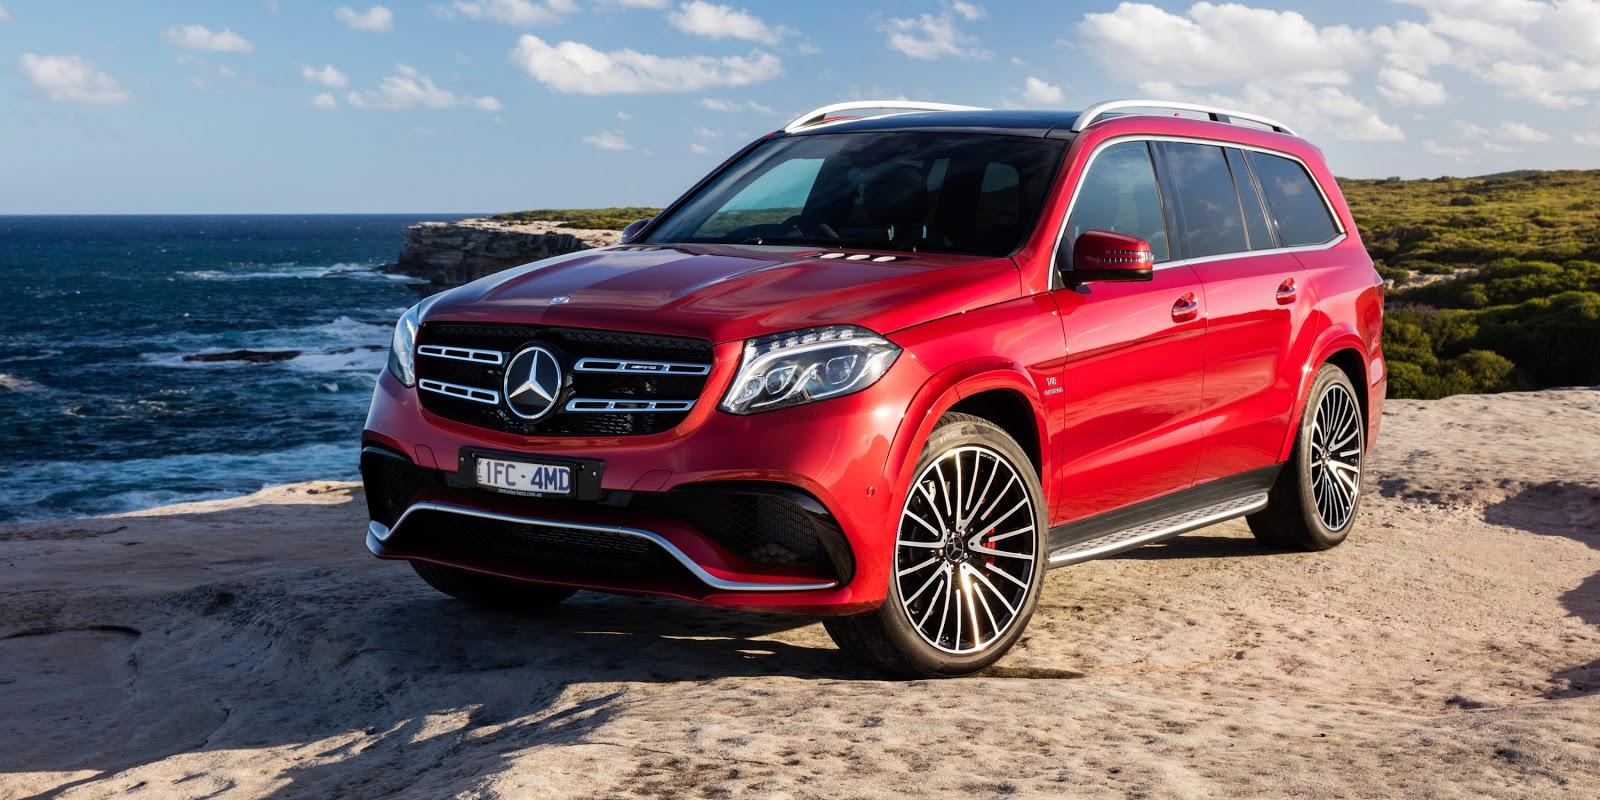 Mercedes Benz GLS là chiếc xe có khả năng vượt mọi địa hình